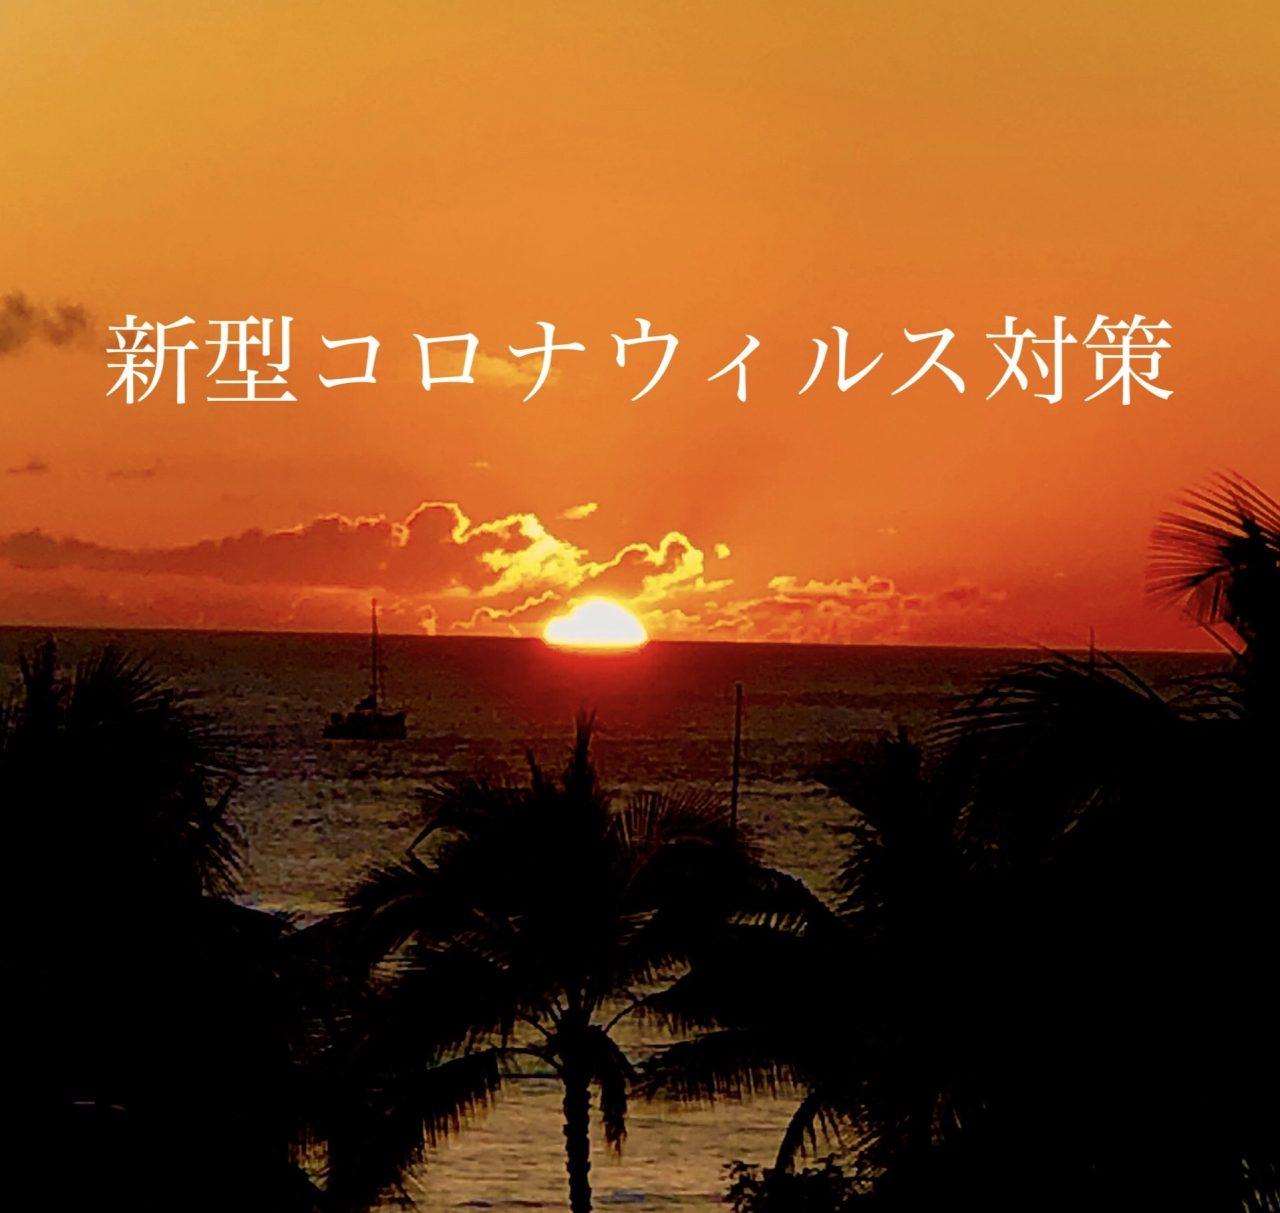 【コロナウィルスによる東京都及び関東各県の自粛要請への対応】